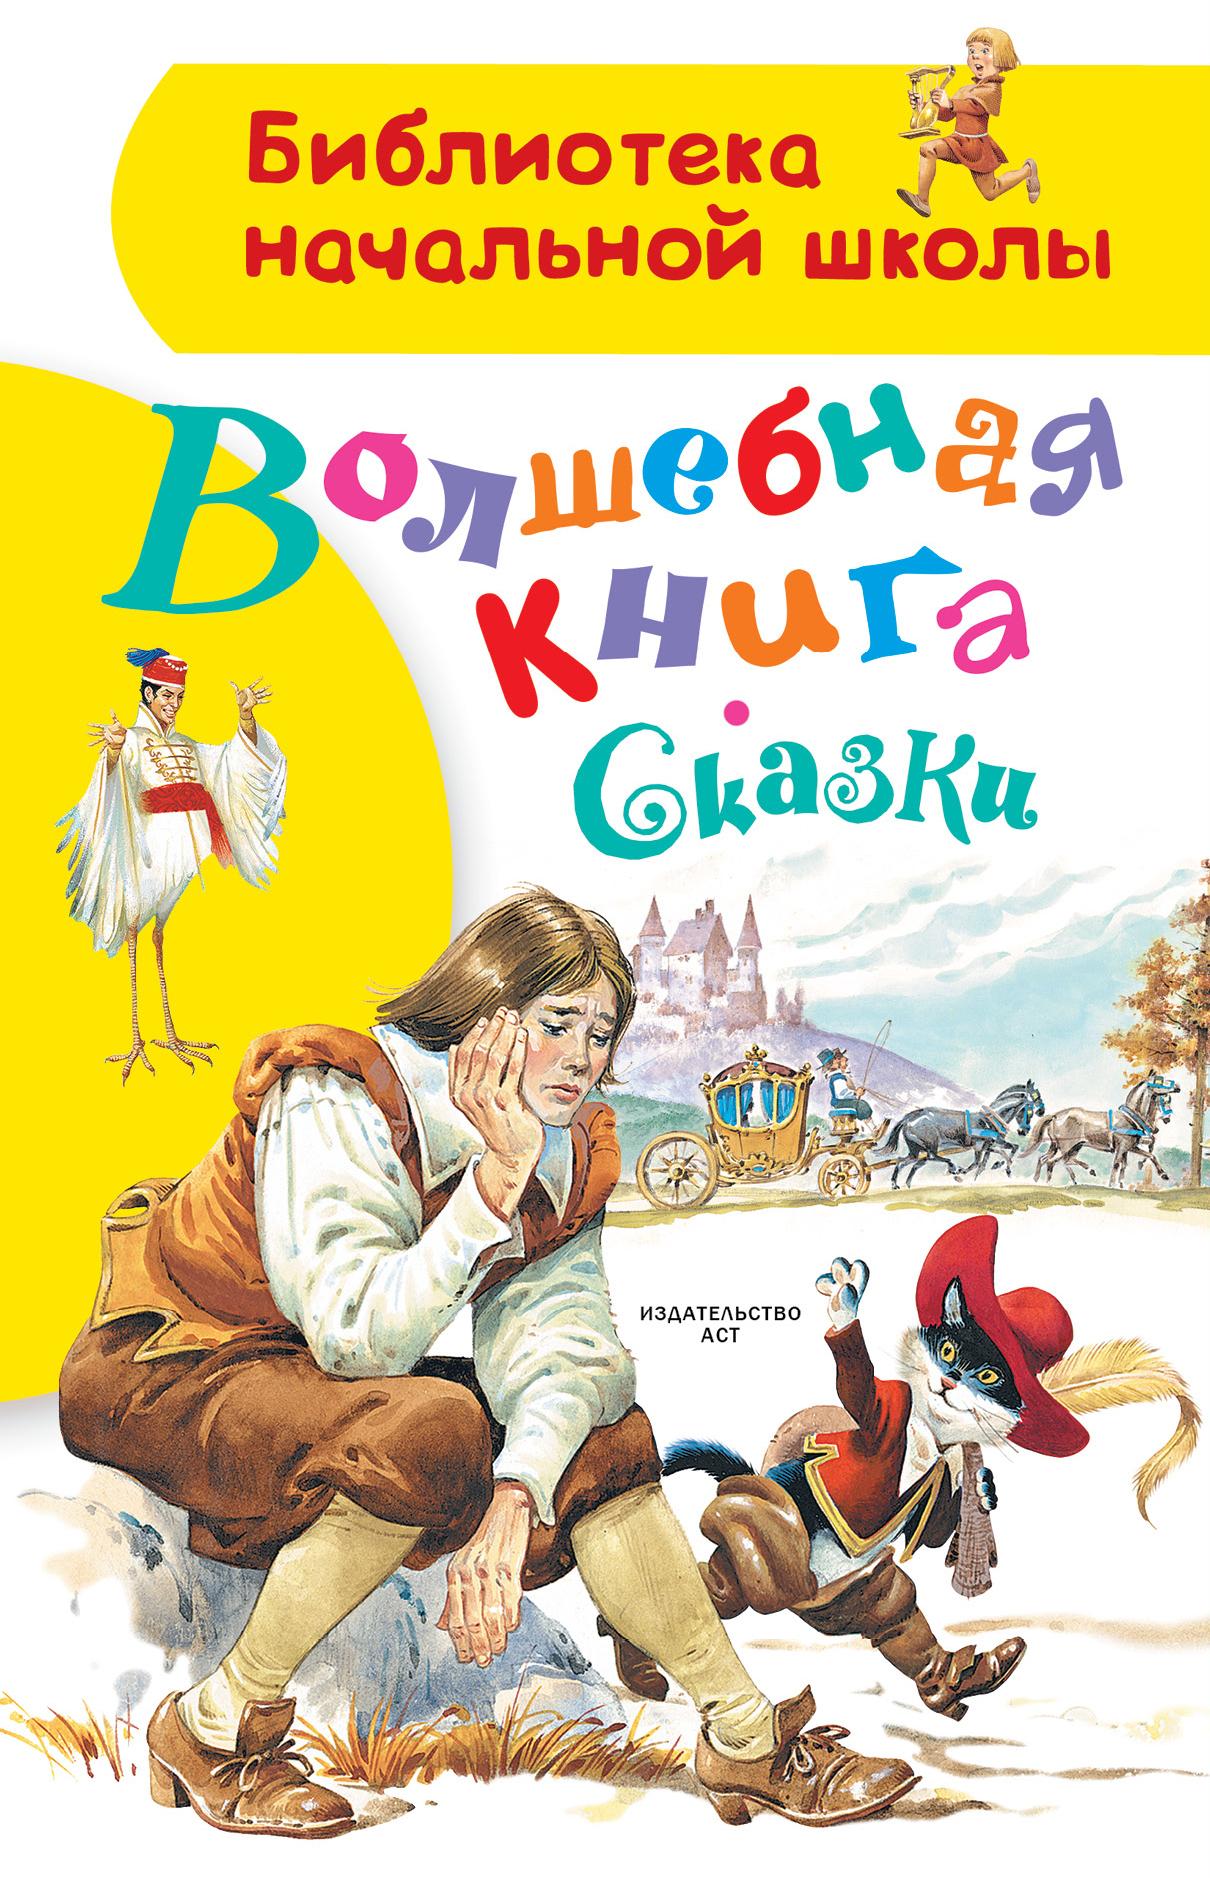 Волшебная книга. Сказки ( .  )